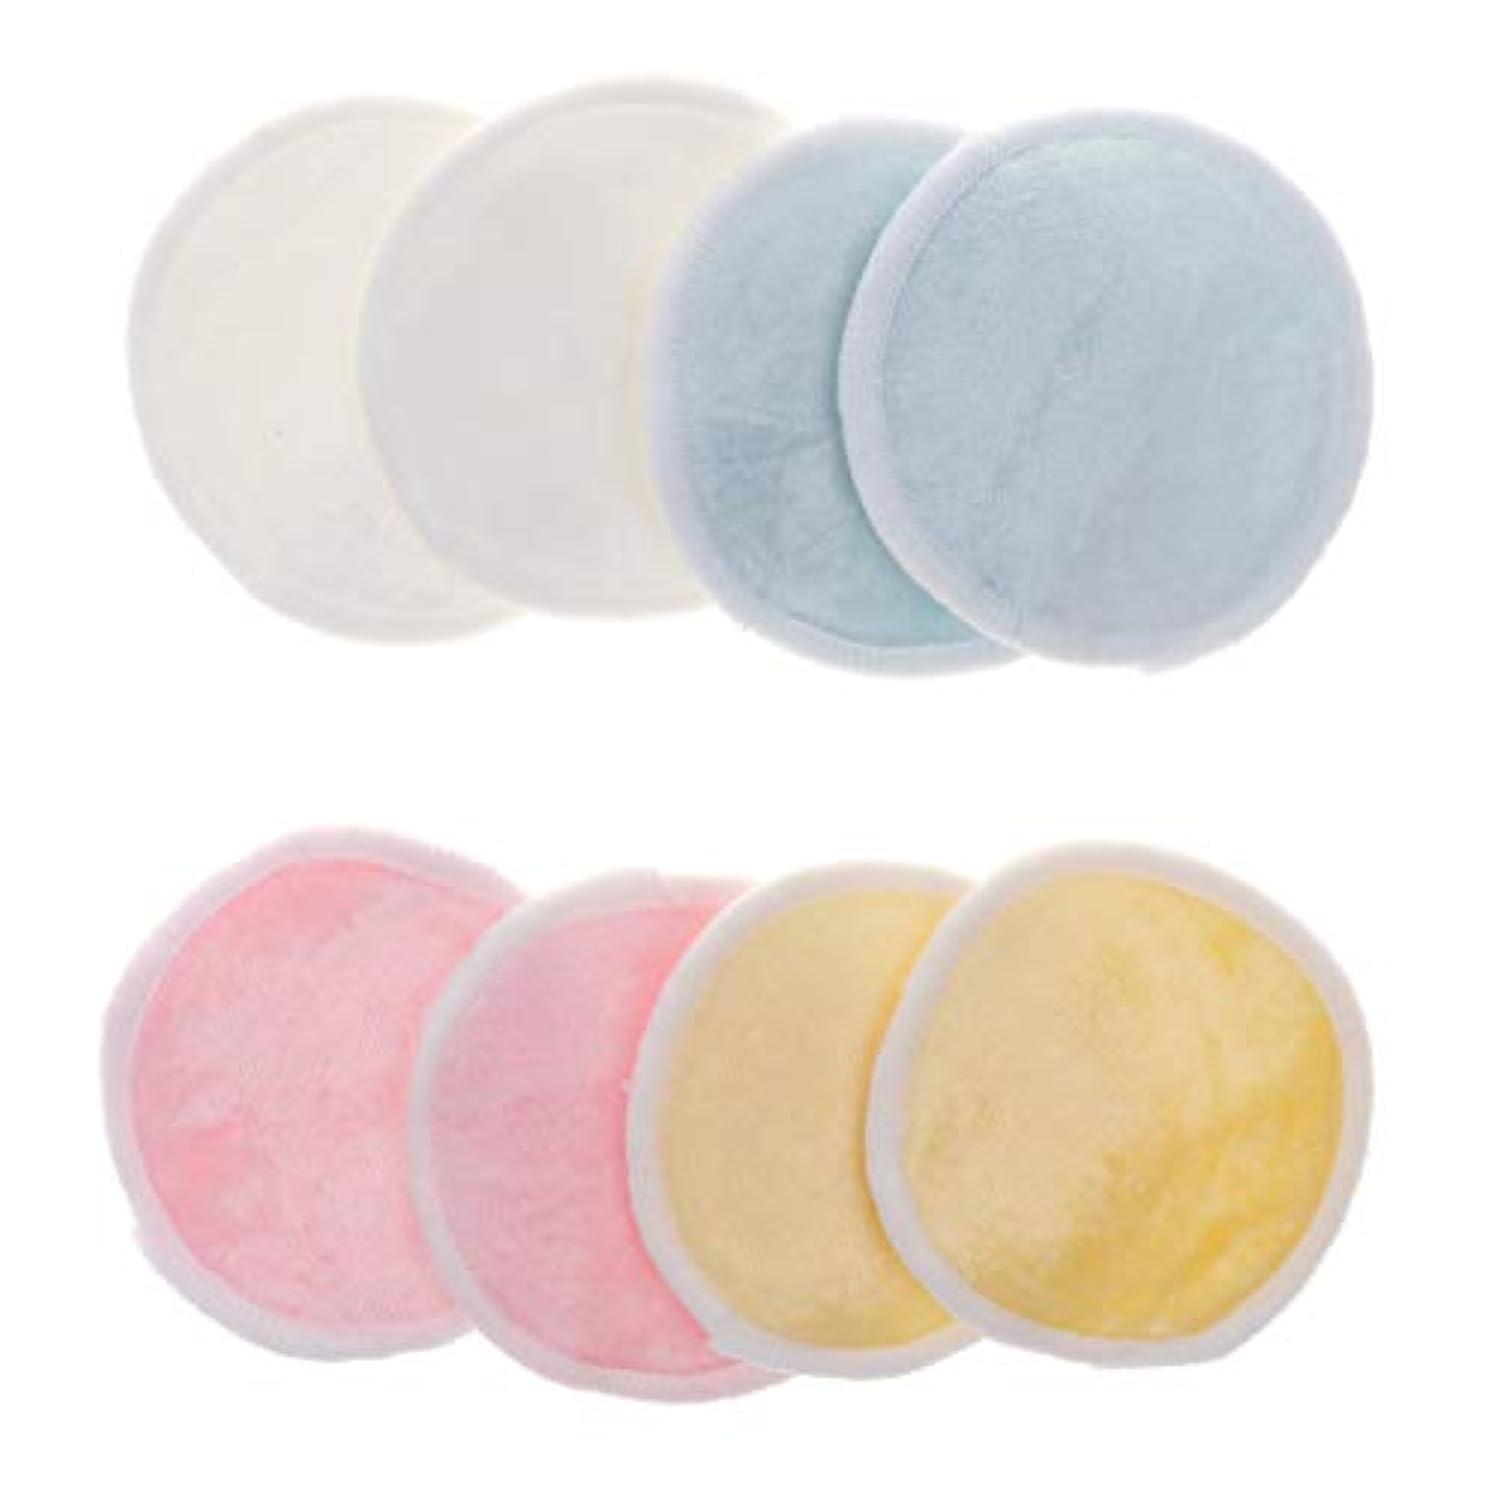 石膏詩発送F Fityle 8個 クレンジングシート パッド メイク落としコットン 再使用可能 ジッパーメッシュバッグ付 洗える